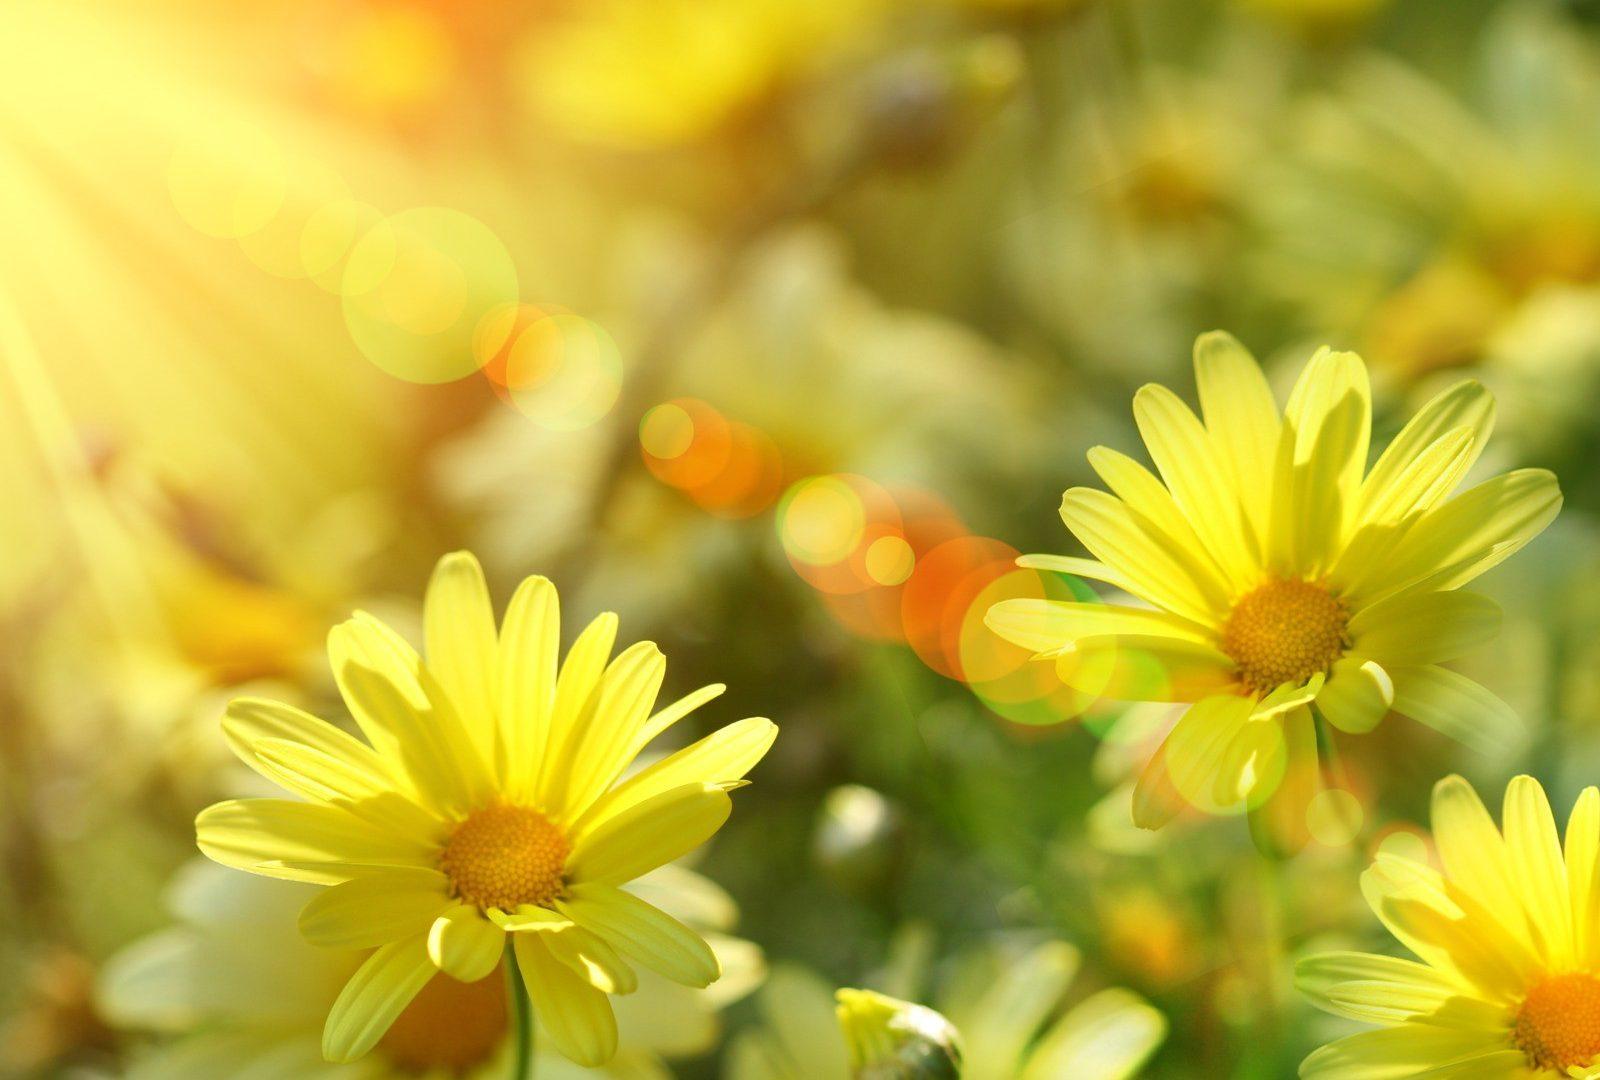 Tổng hợp những hình ảnh hoa xuyến chi màu vàng đẹp nhất